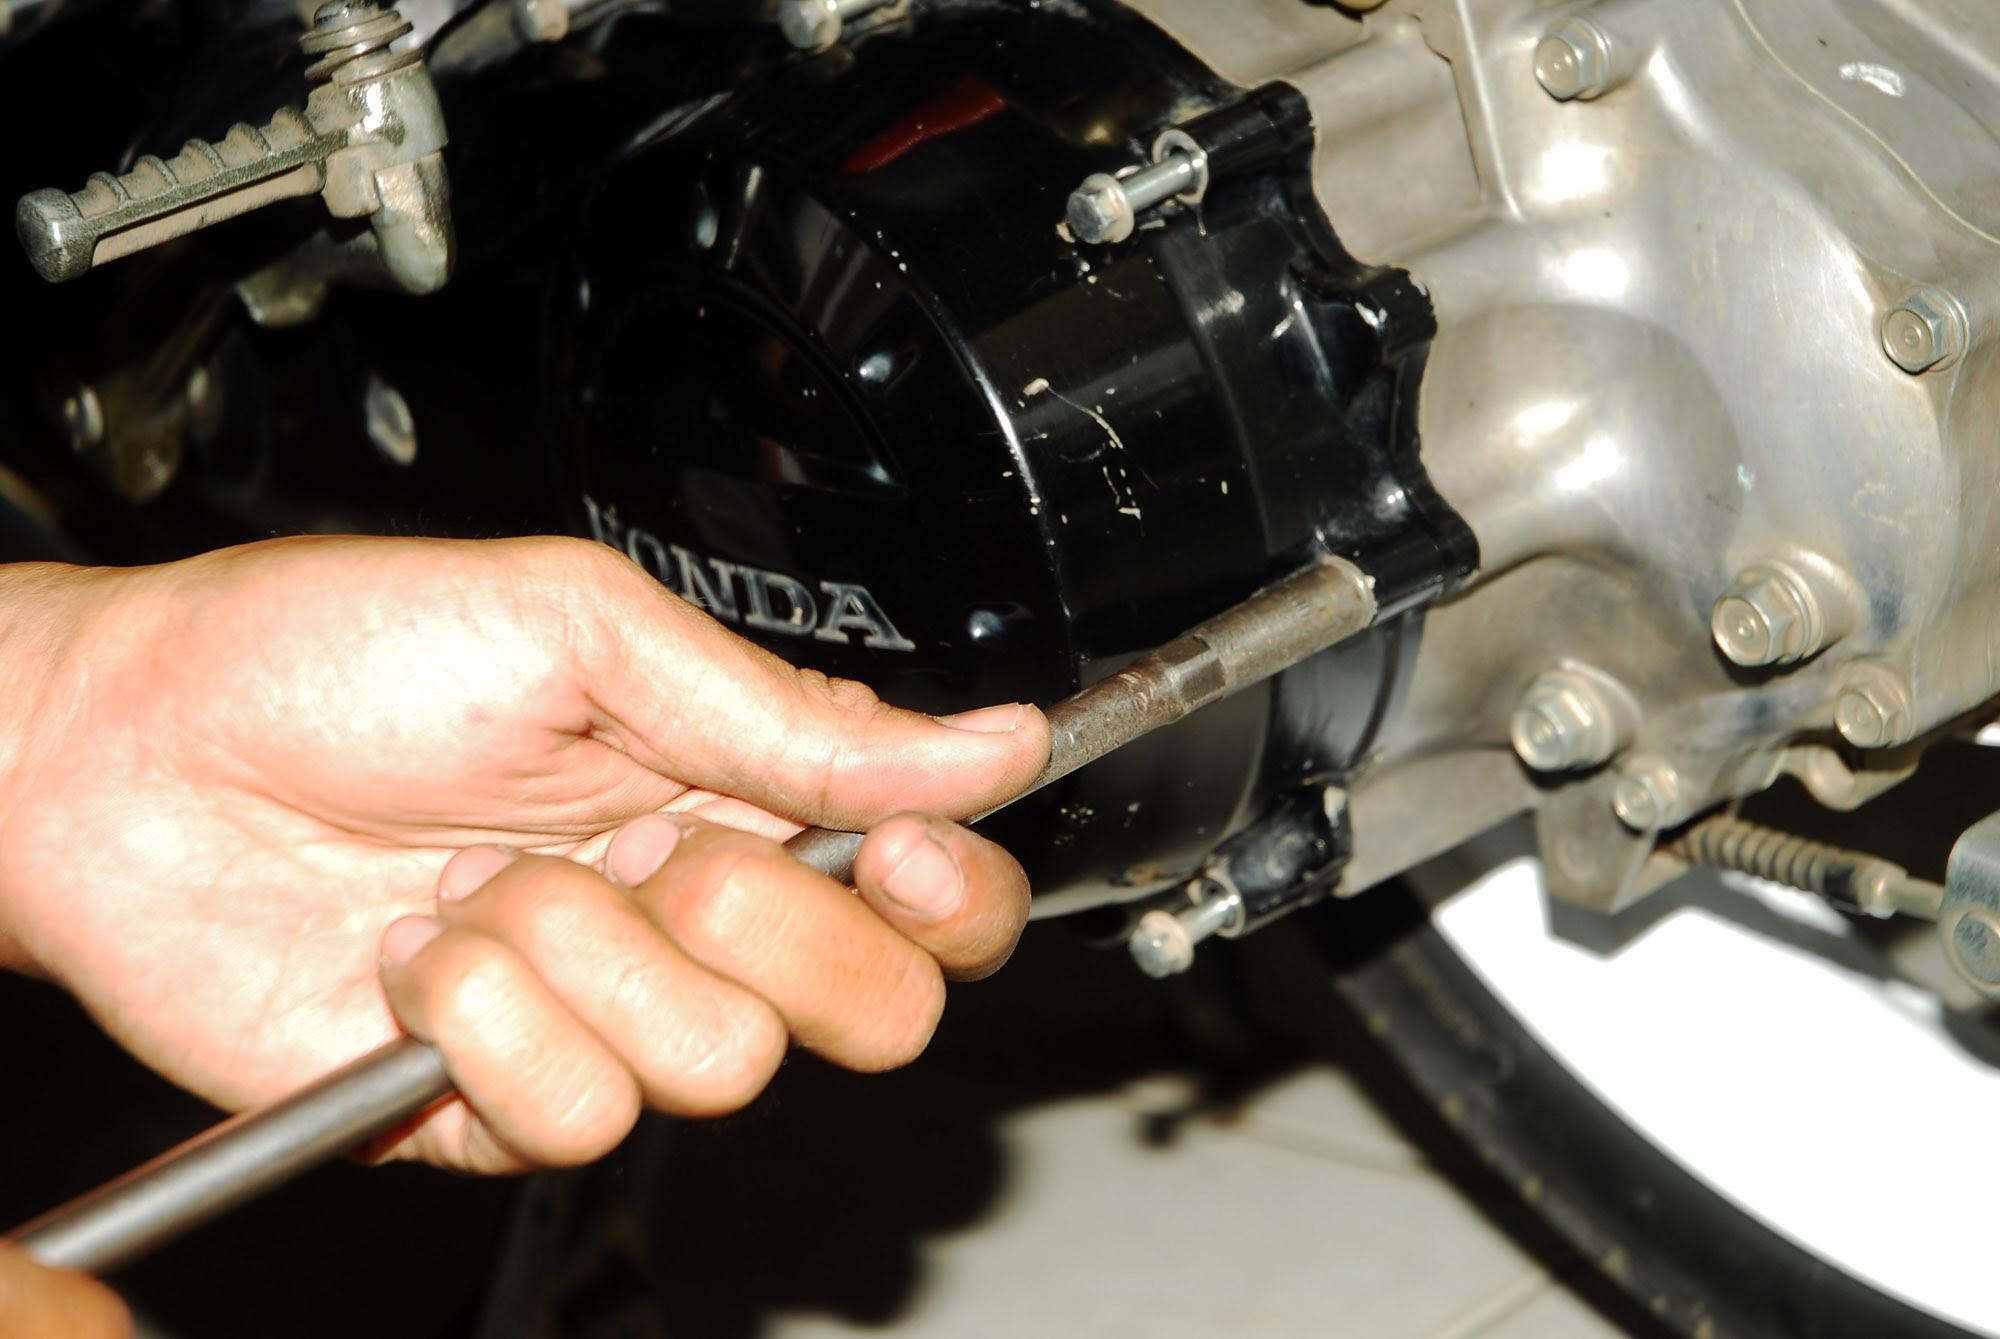 Jual Harga V Belt Motor Matic Terbaru Bearing Bak Cvt Vario Beat Ntn 6002 10 Llu Variobeatscoopy Spacy Upgrade Pulley Belakang Lebih Besar Nendang Gilamotor